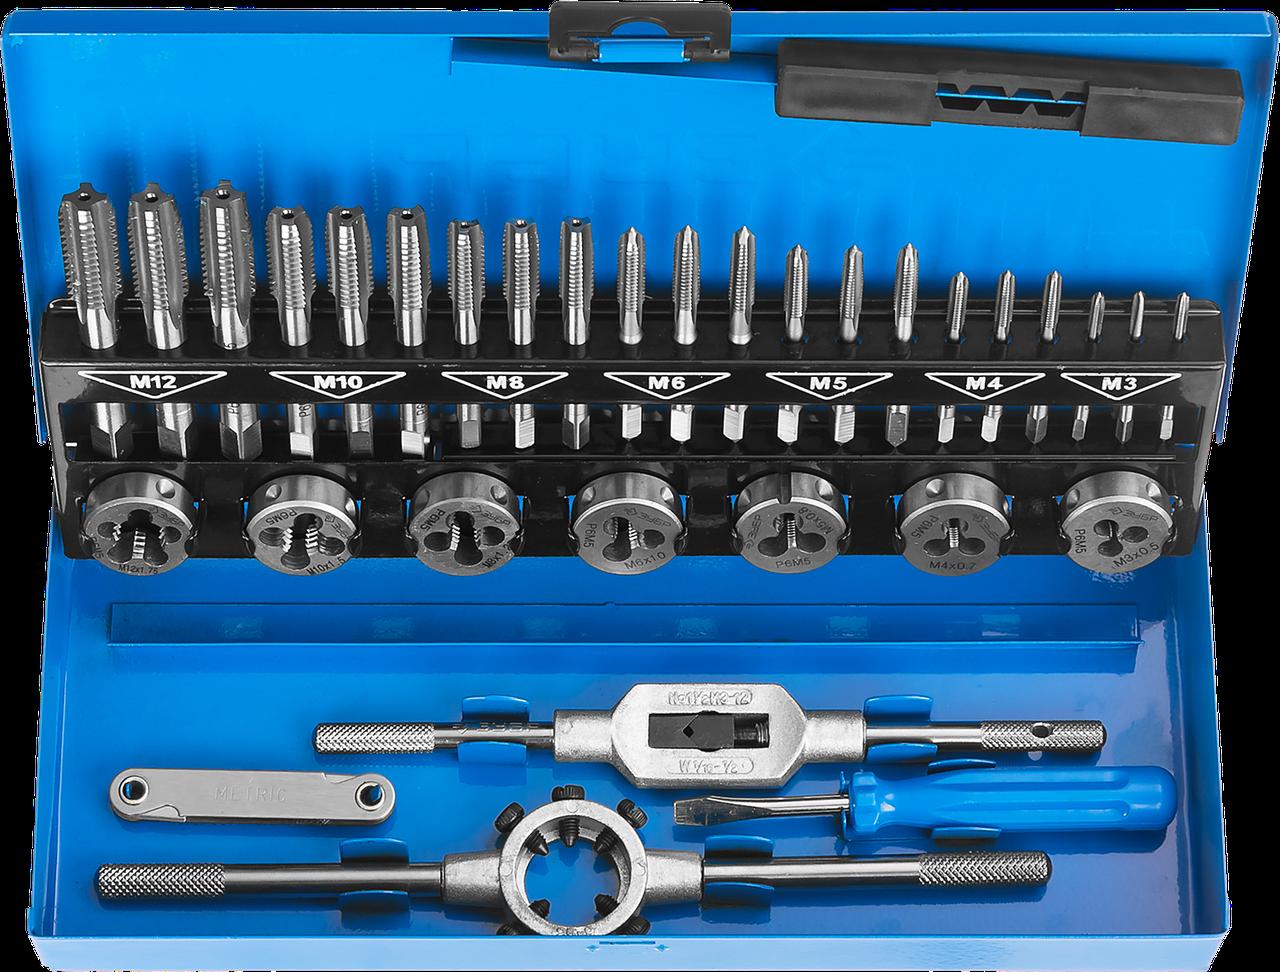 ЗУБР 32 предмета, набор метчиков комплектных и плашек, сталь Р6М5